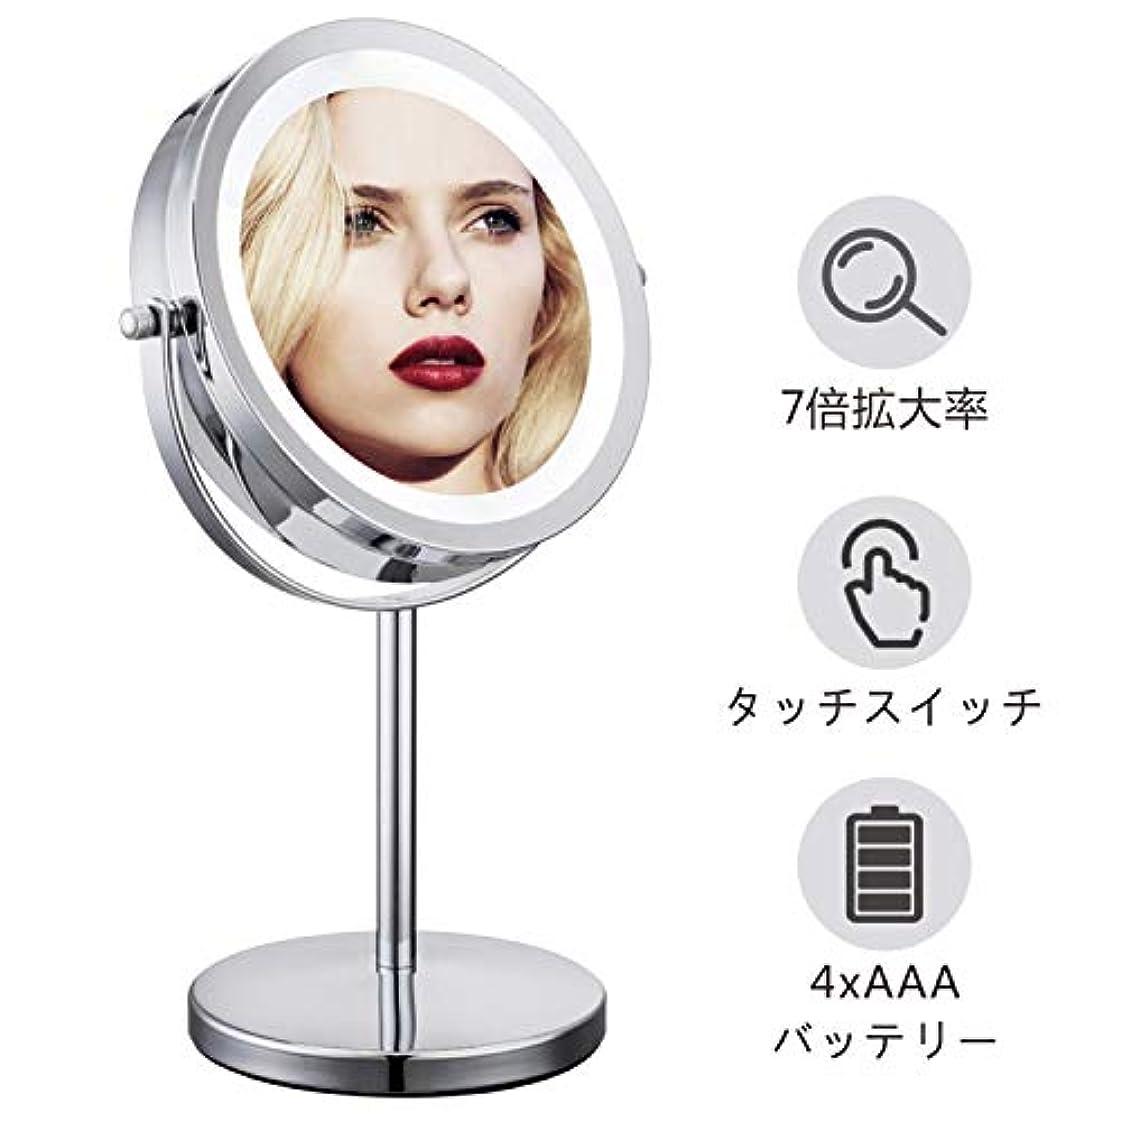 他のバンドでについて傀儡Minracler 化粧鏡 7倍拡大 卓上 化粧ミラー led両面鏡 明るさ調節可能 360度回転 (鏡面155mmΦ) 電池給電